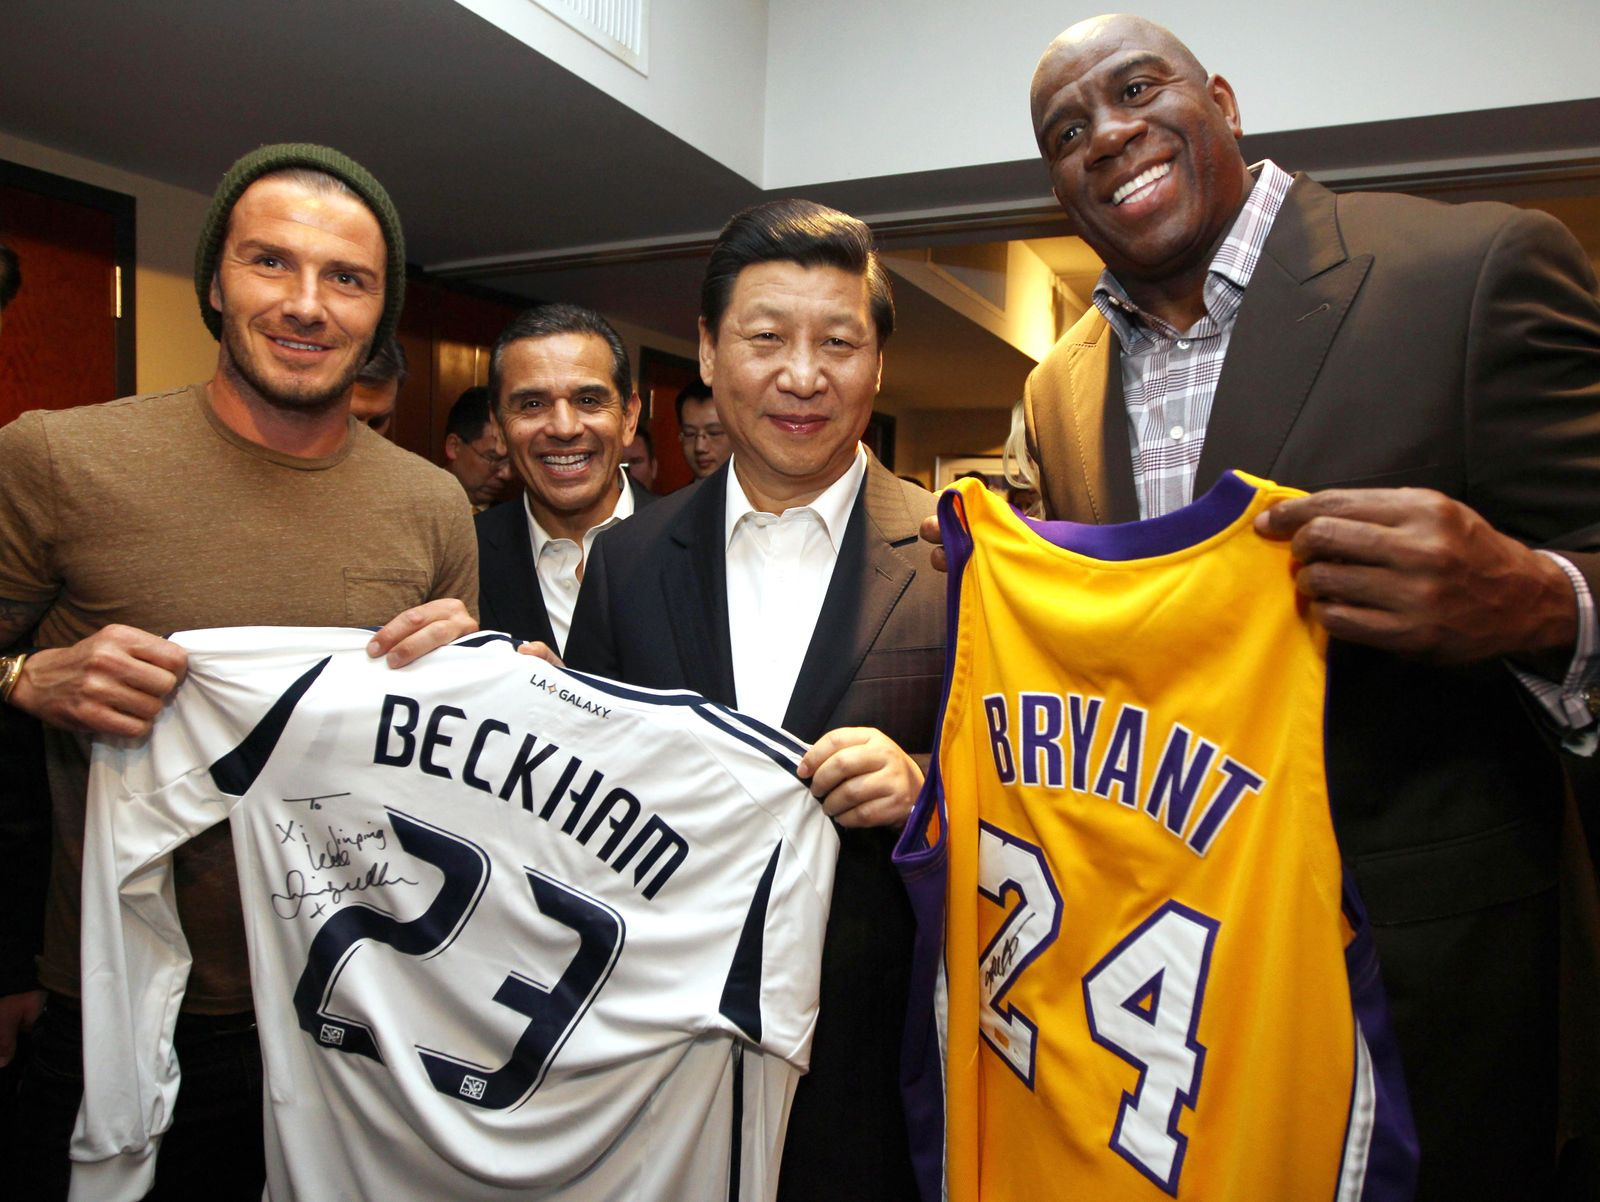 NICHT MEHR VERWENDEN! - Xi Jinping/ David Beckham/ Magic Johnson